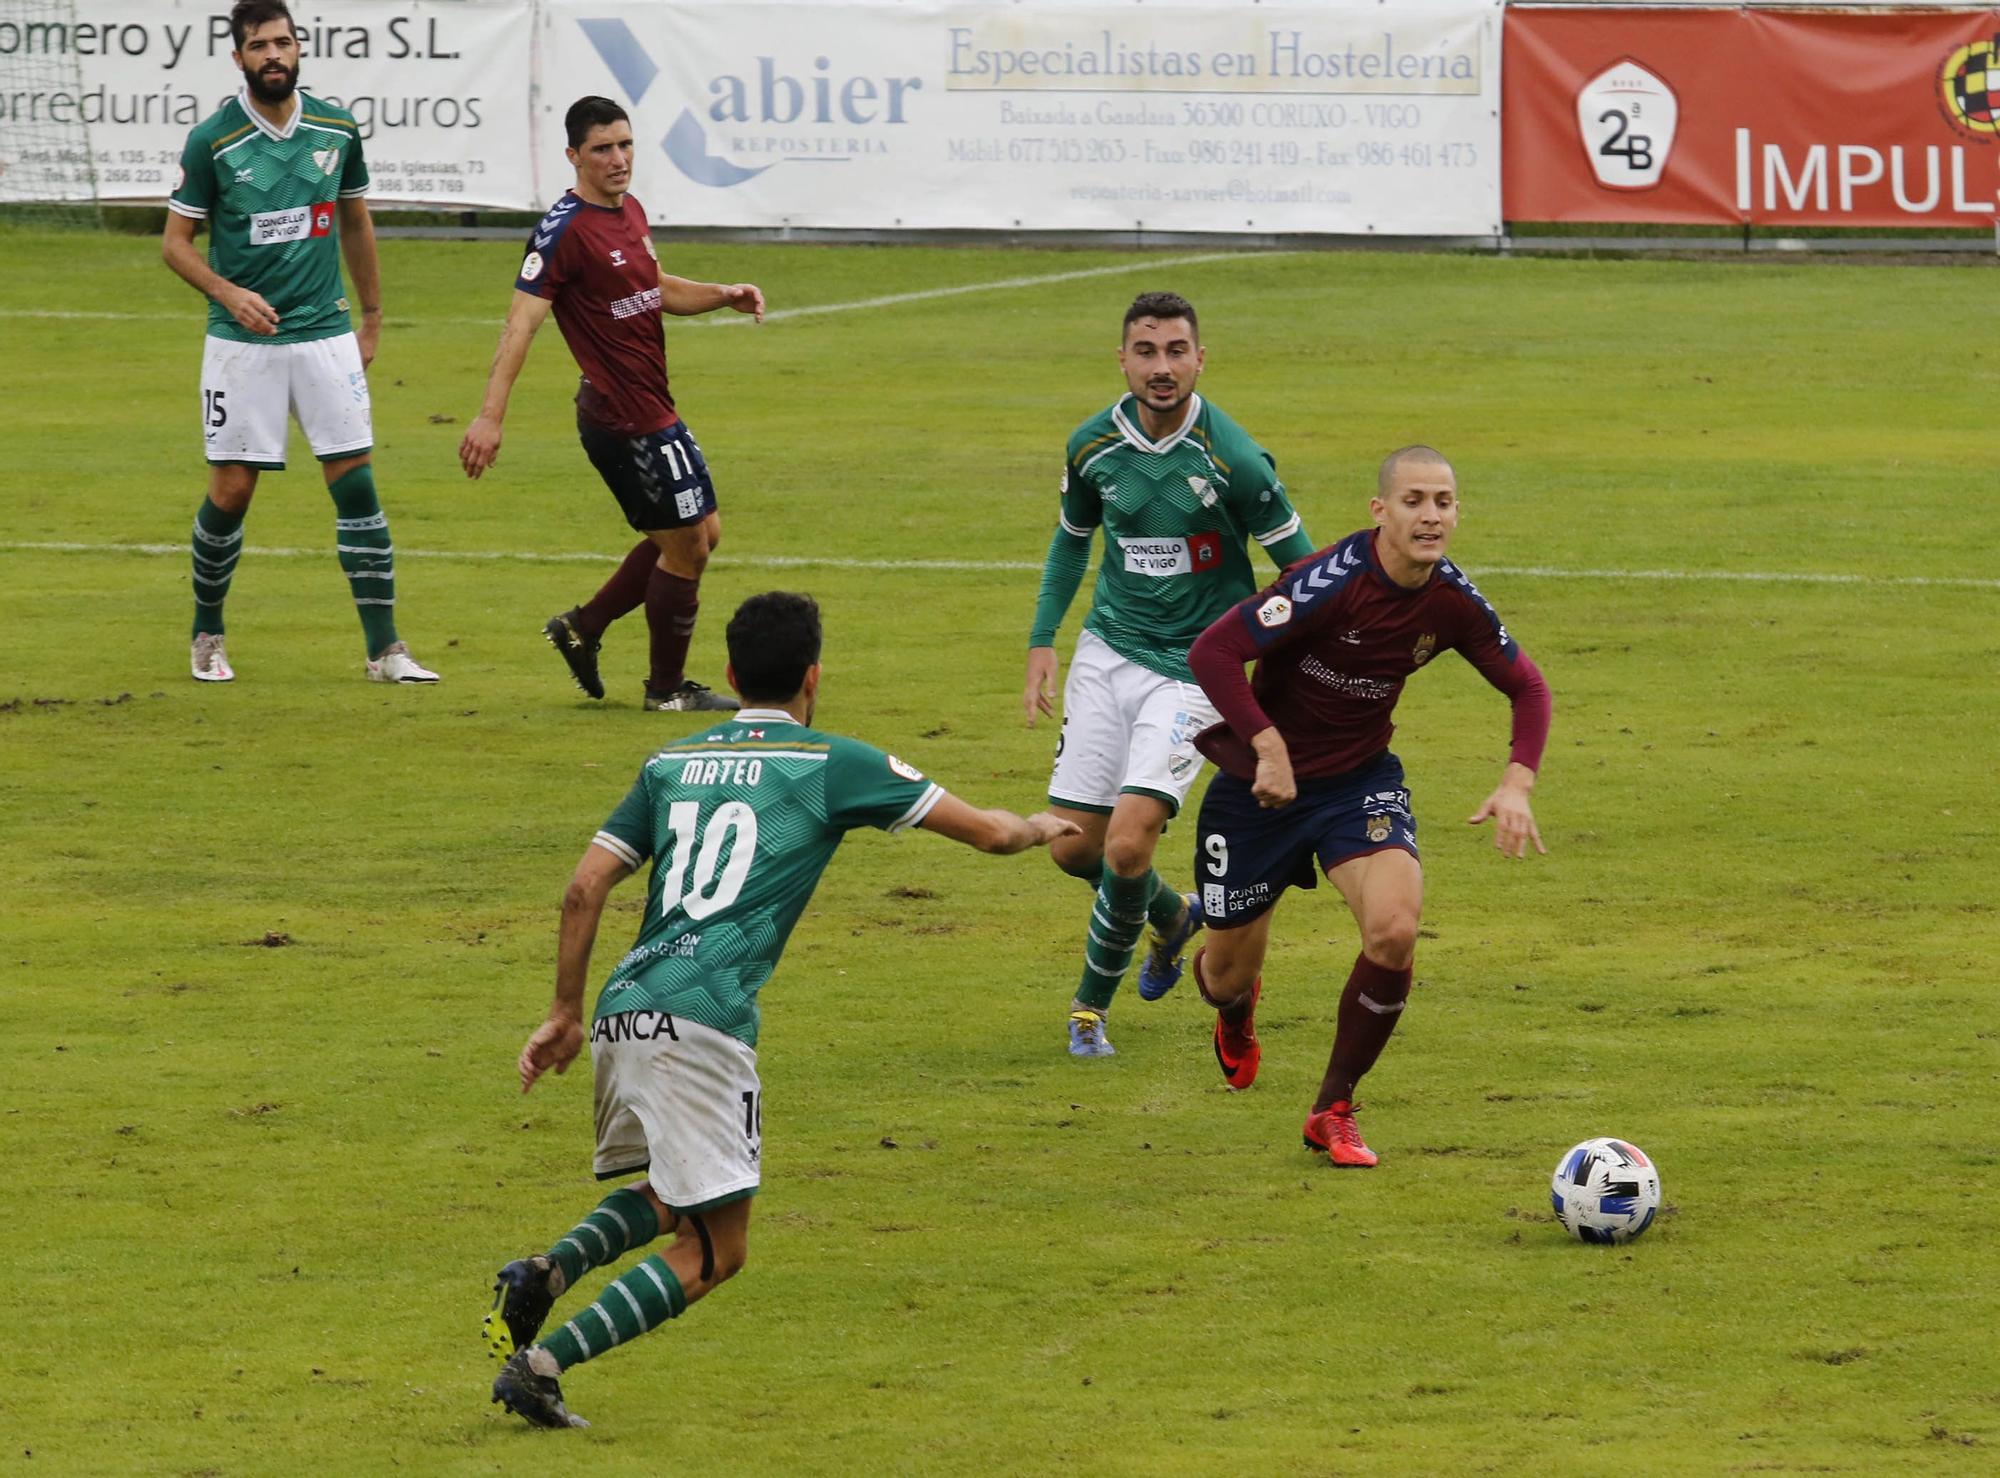 El Pontevedra pierde el título de invicto ante el Coruxo